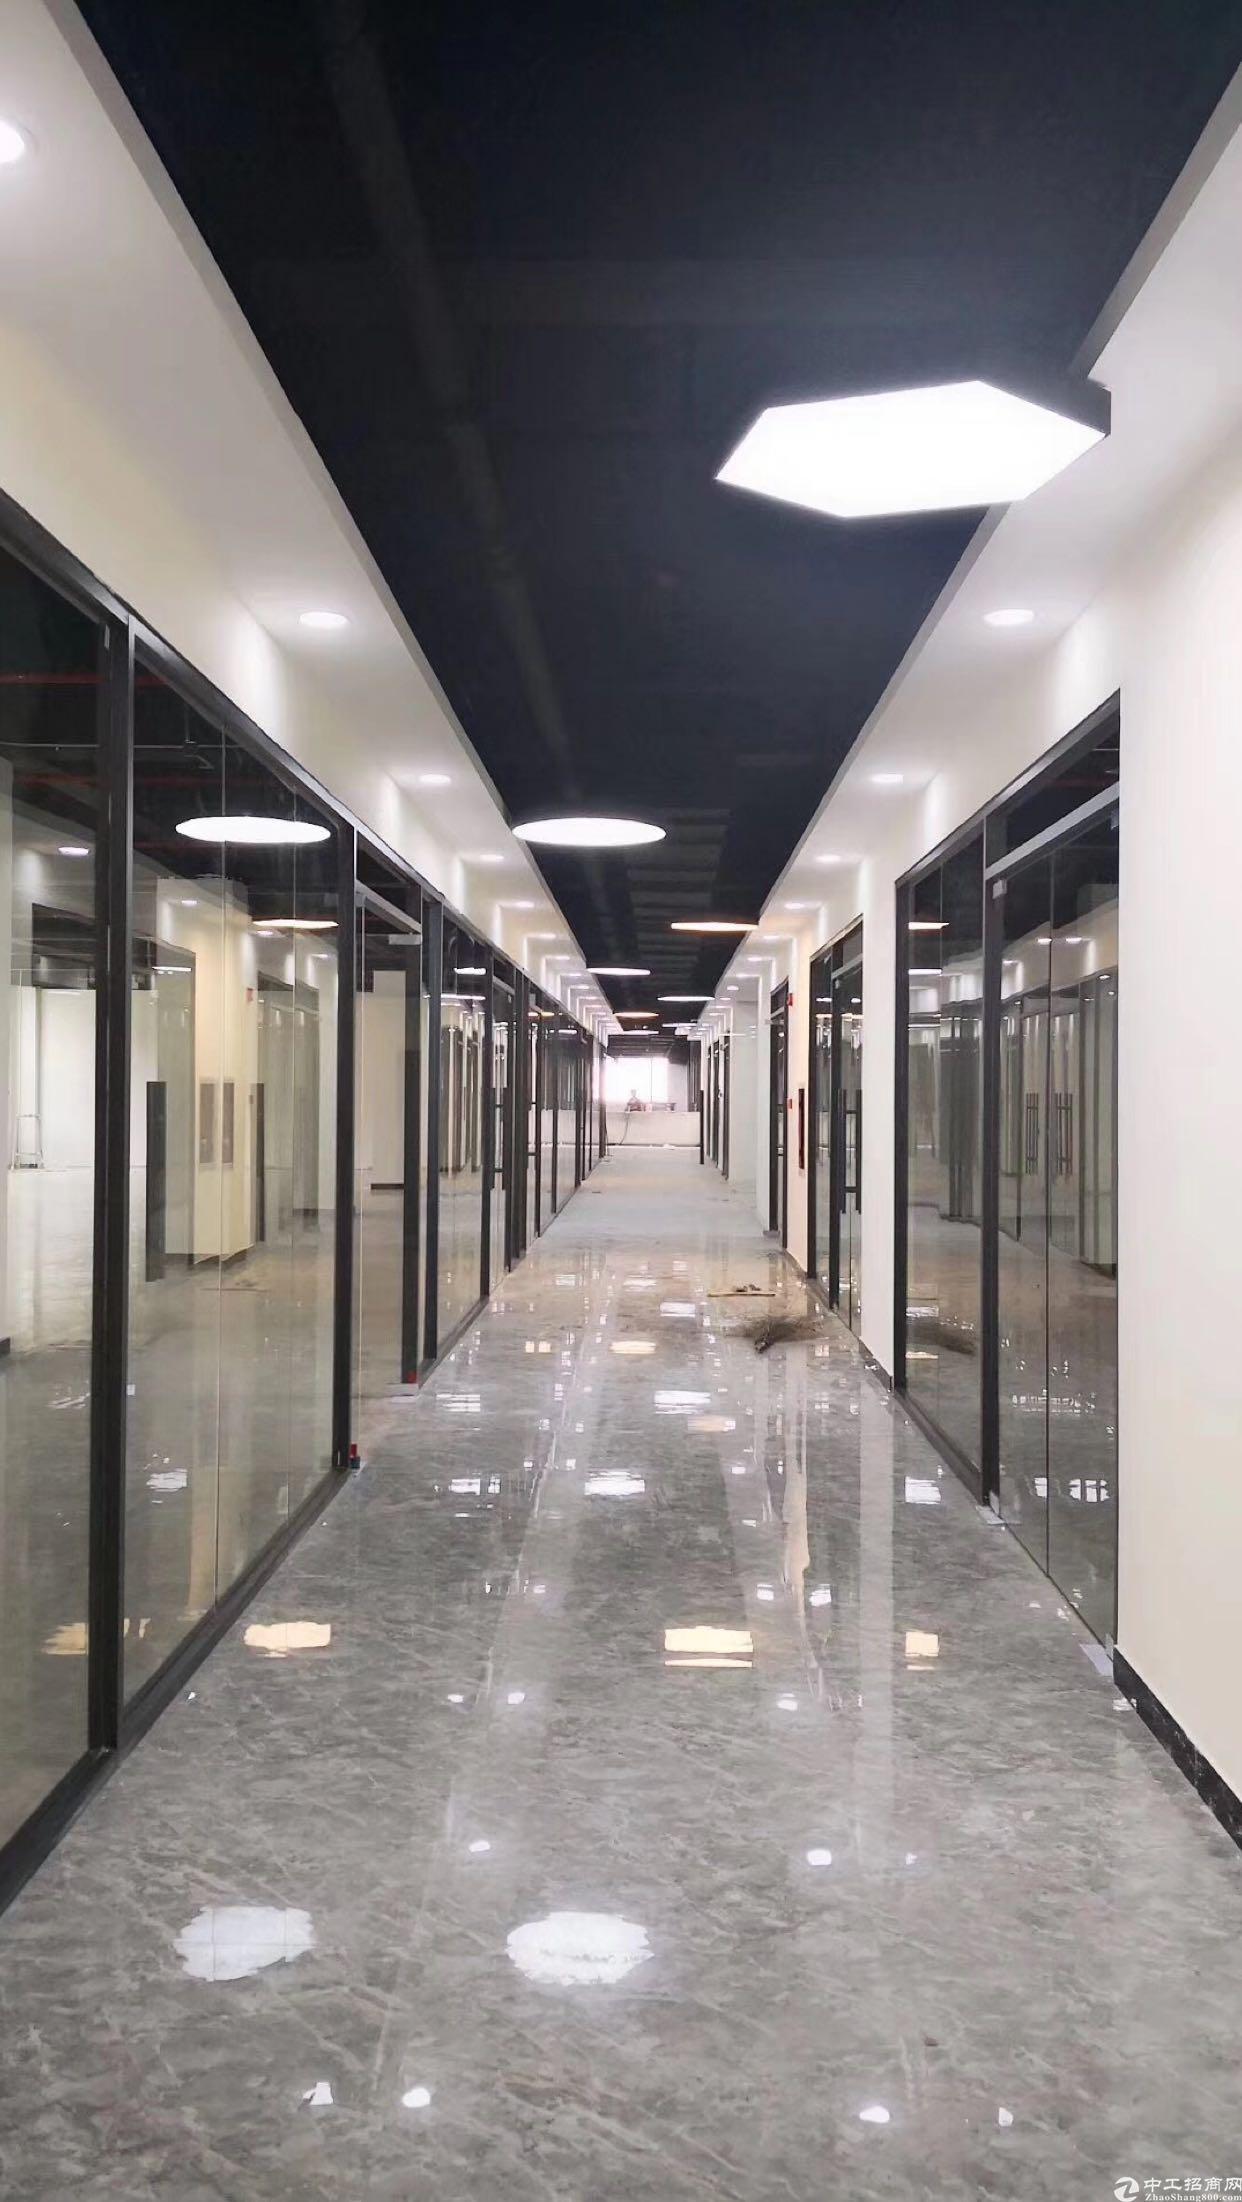 布吉丹竹头电商园500出租